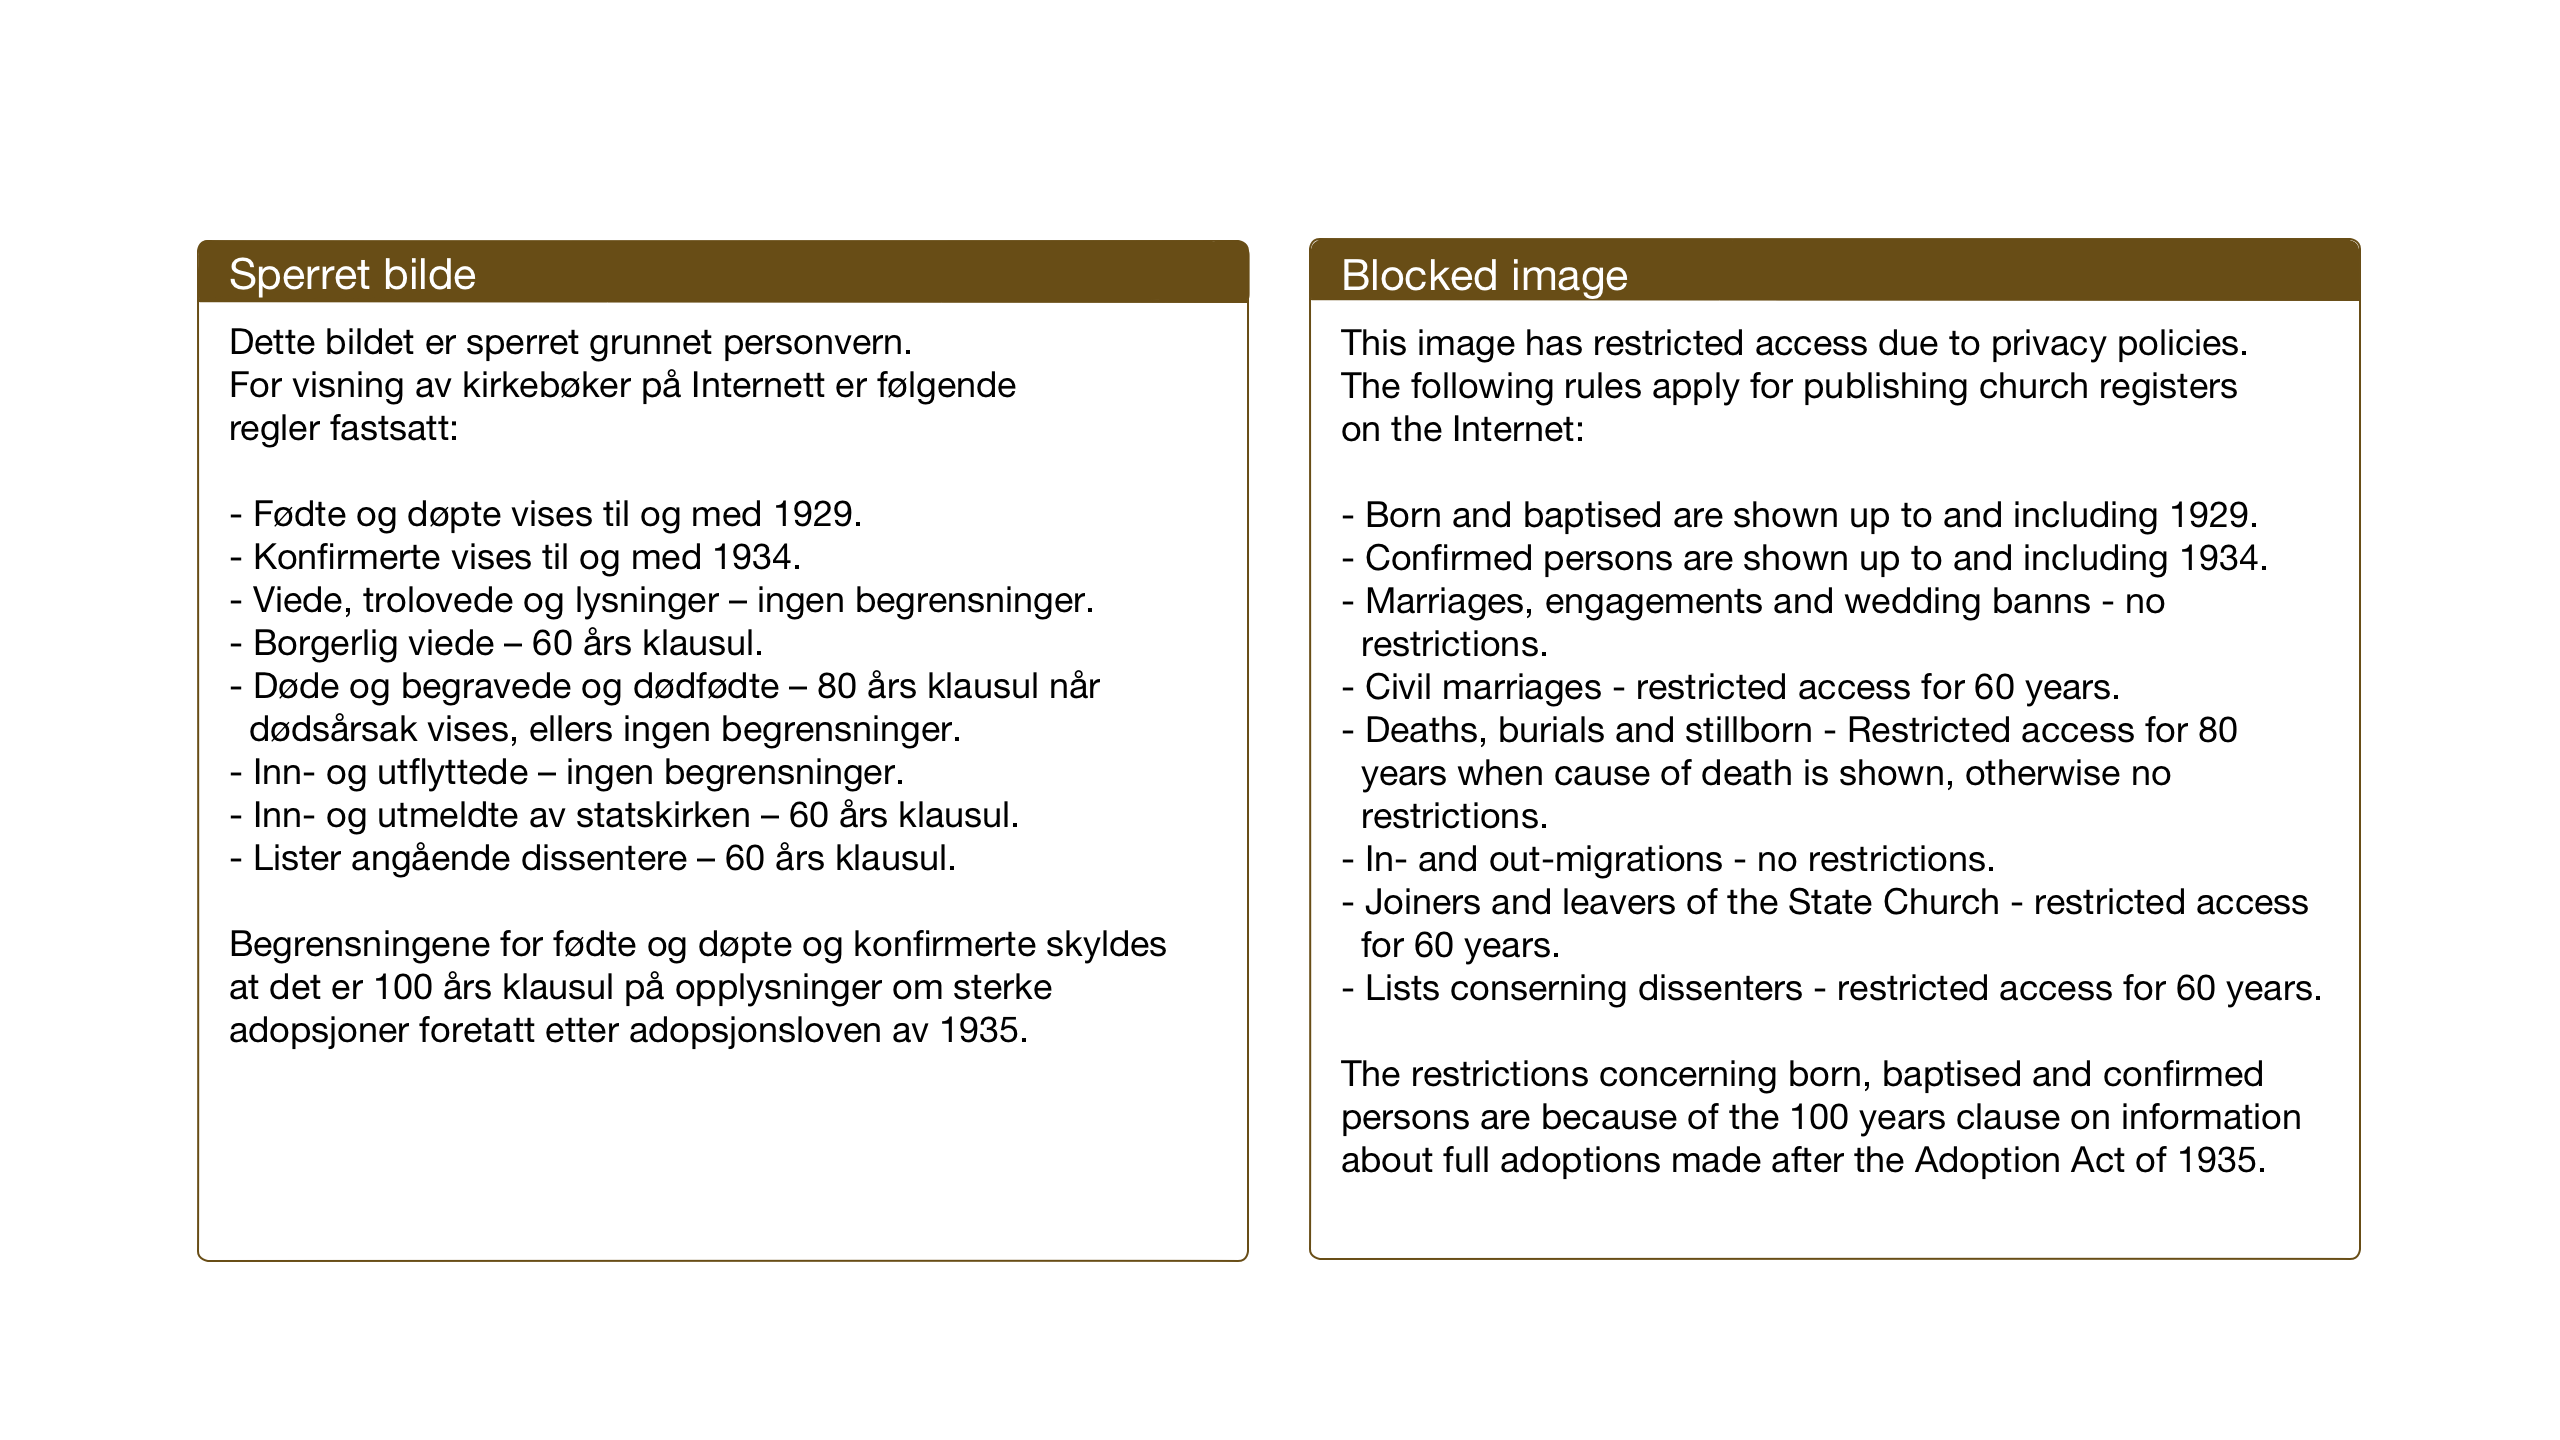 SAT, Ministerialprotokoller, klokkerbøker og fødselsregistre - Sør-Trøndelag, 617/L0433: Klokkerbok nr. 617C04, 1942-1947, s. 73